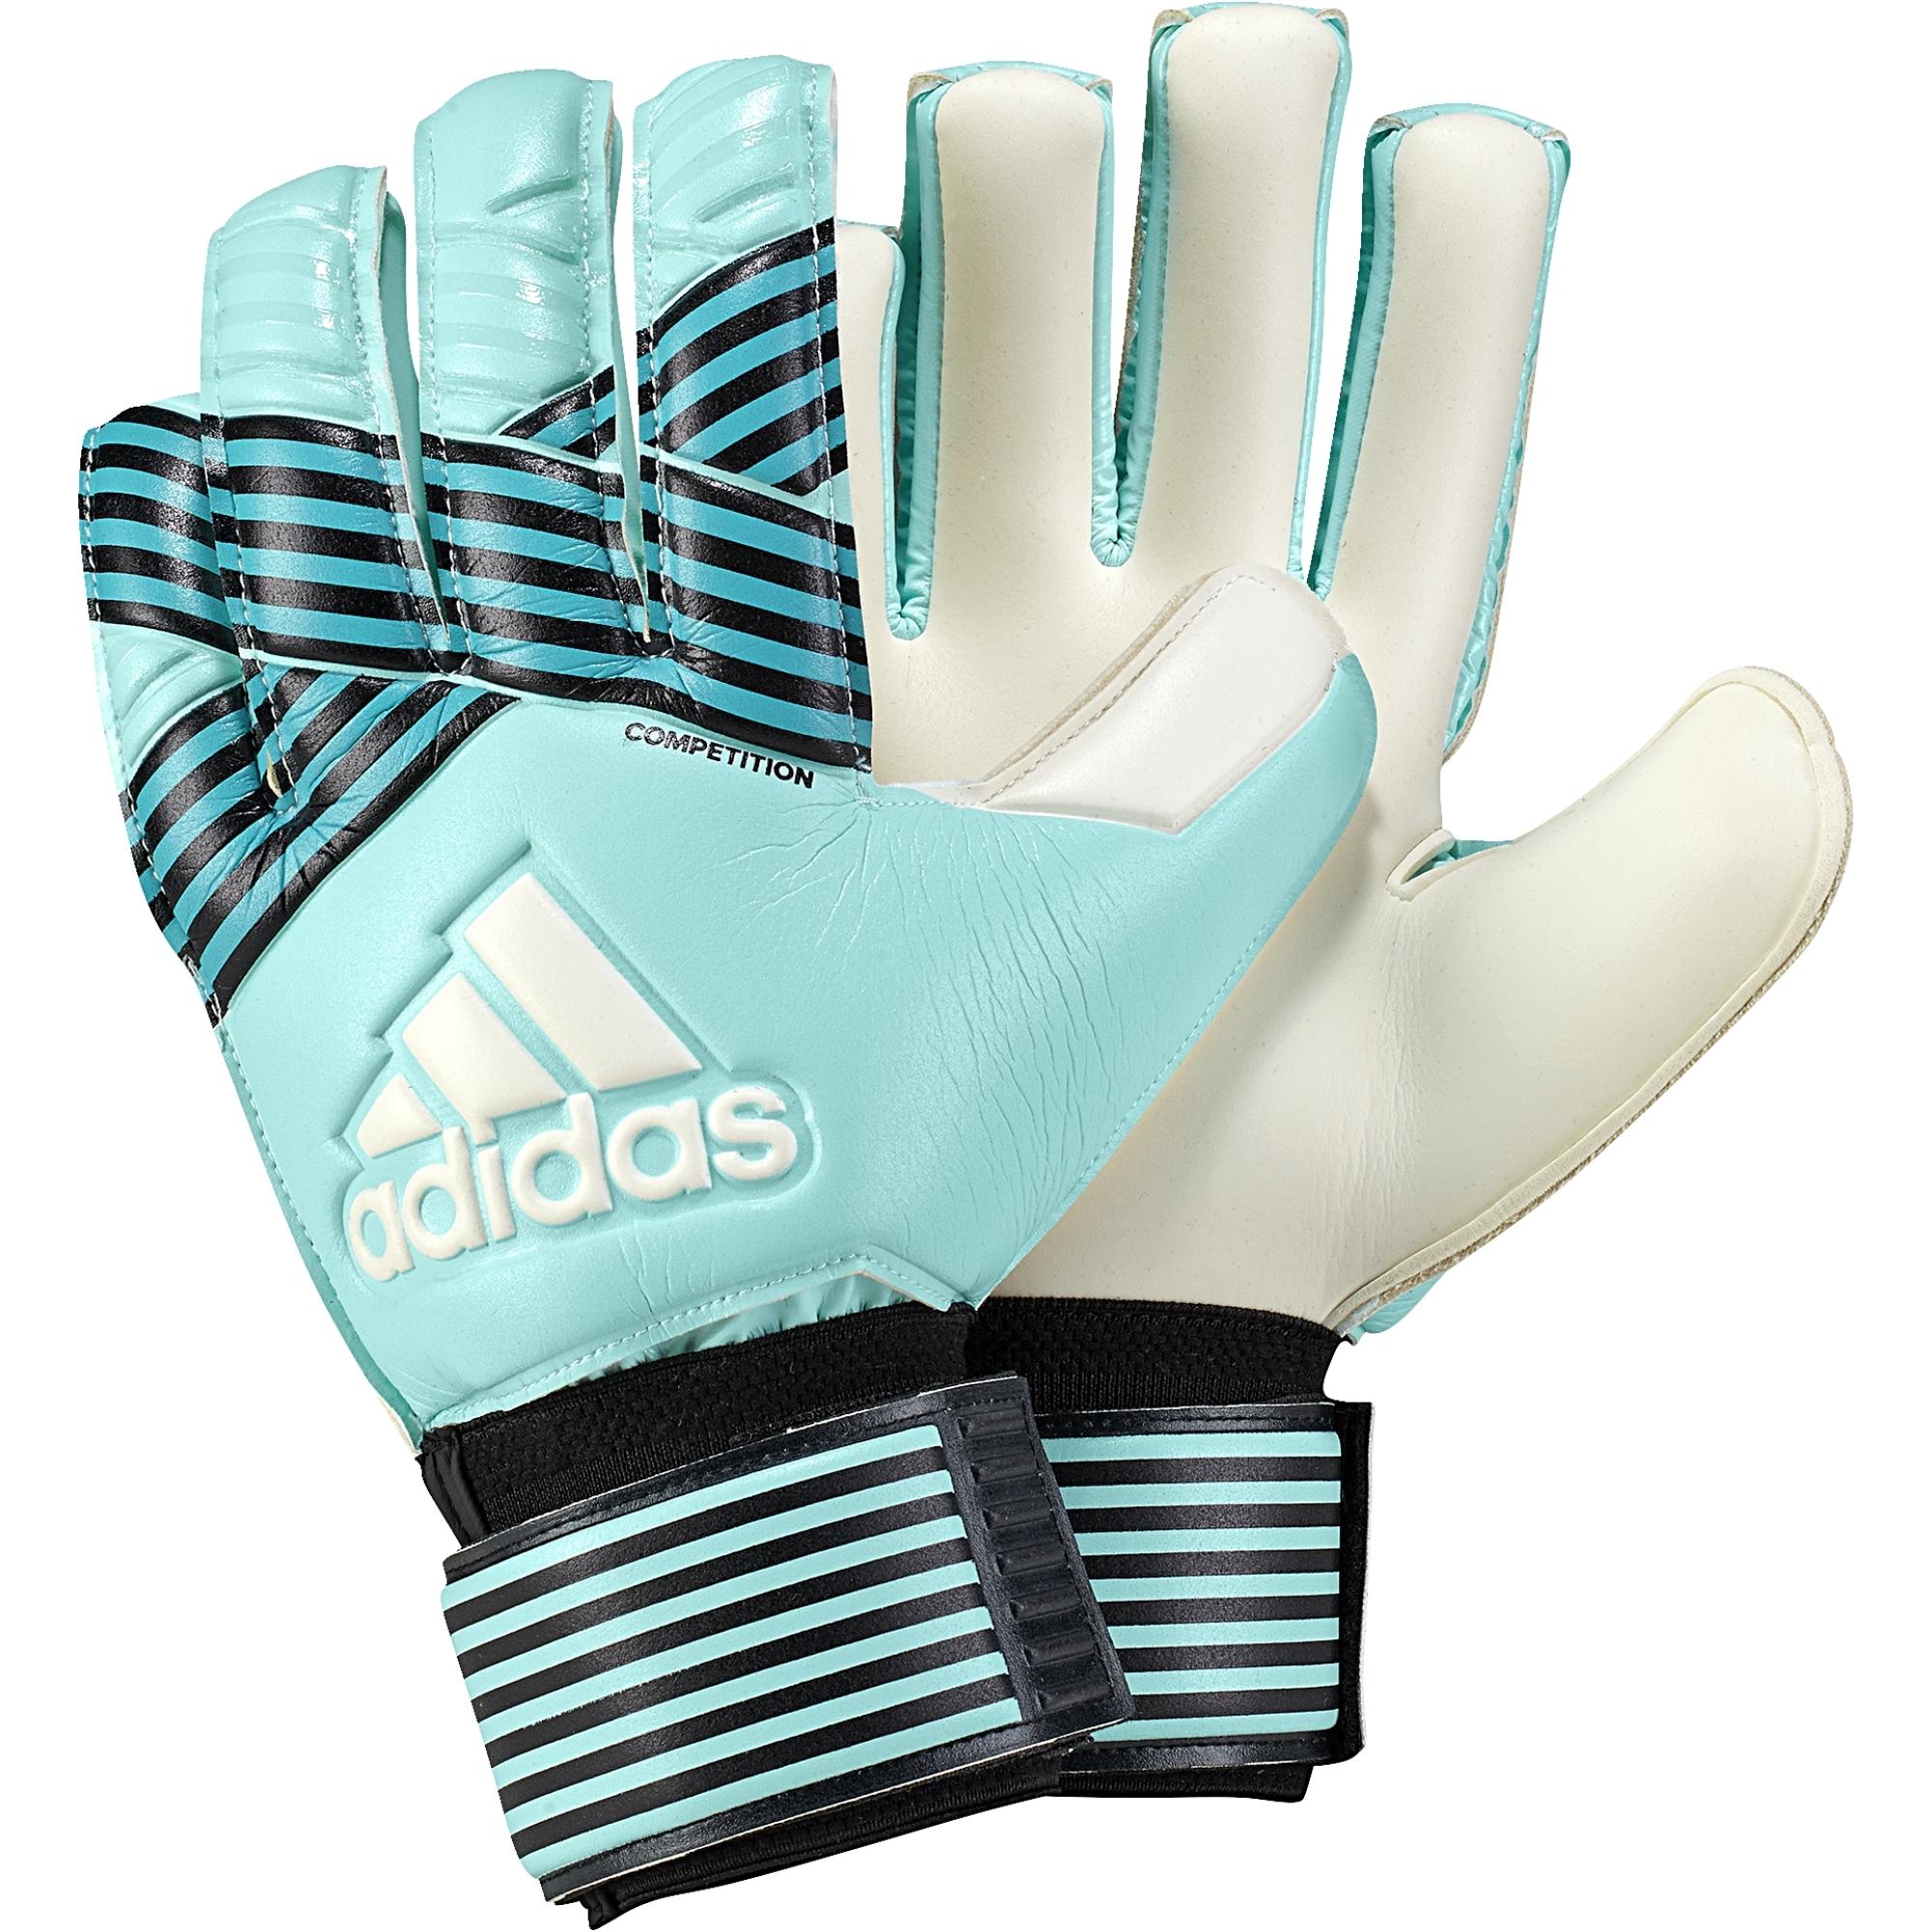 ADIDAS brankářské rukavice Ace Competition